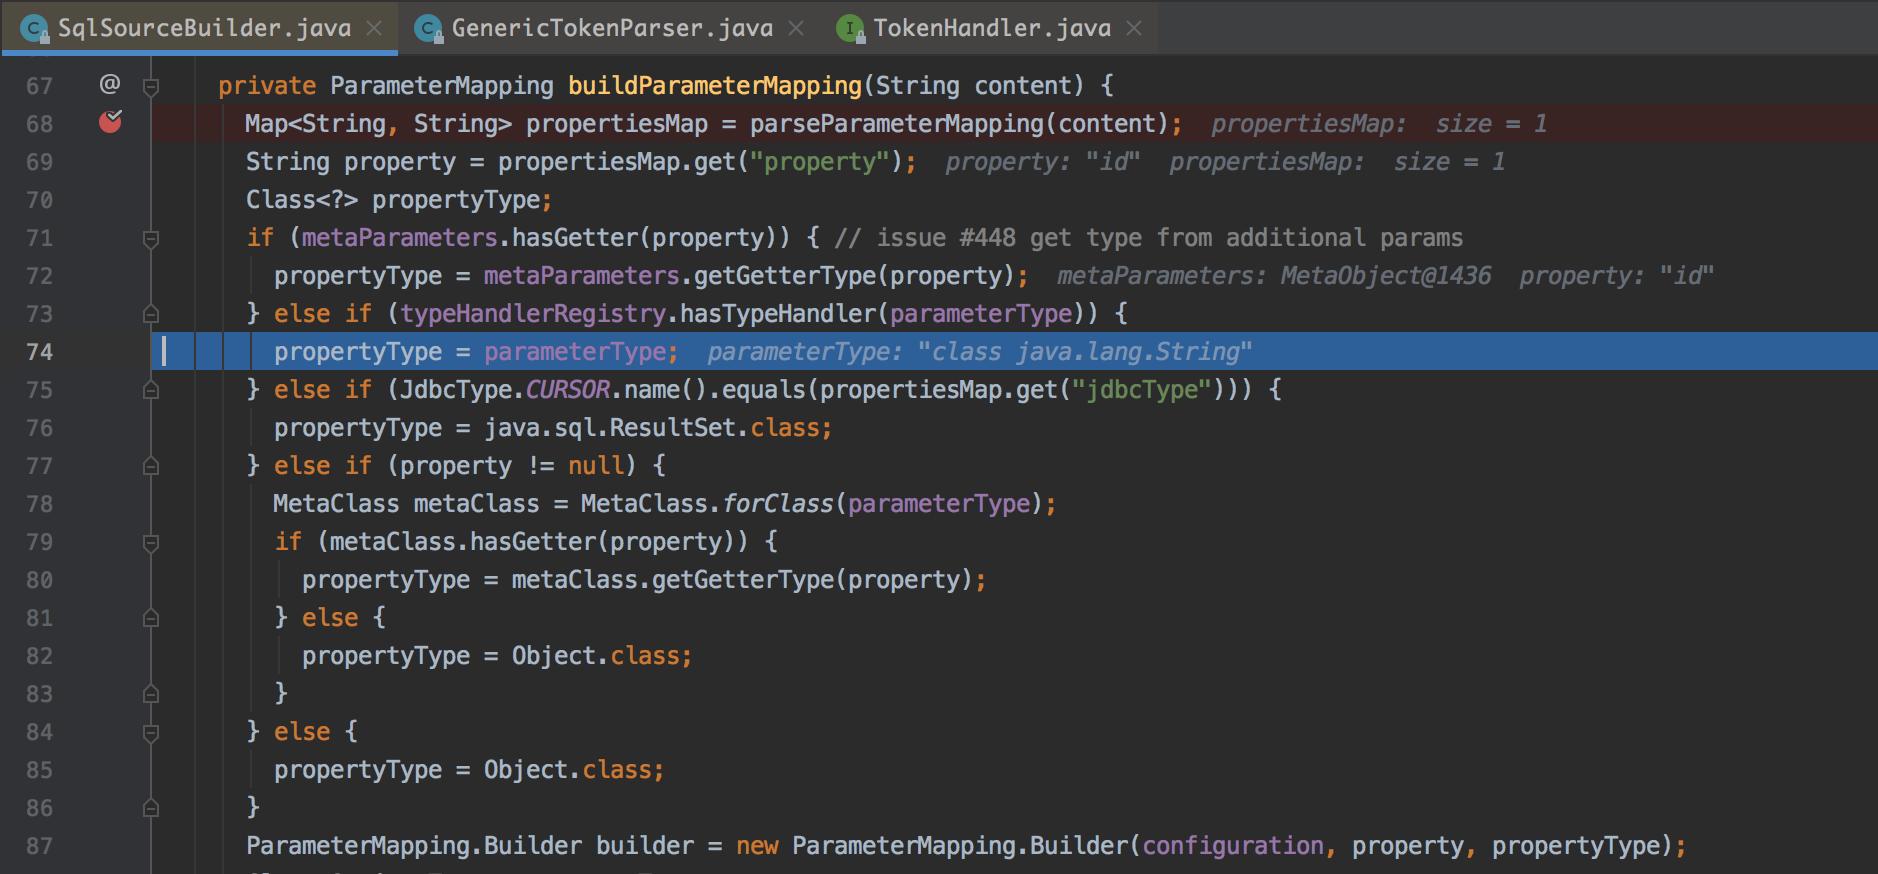 图16 构建ParameterMapping与3.2.3版本的差异